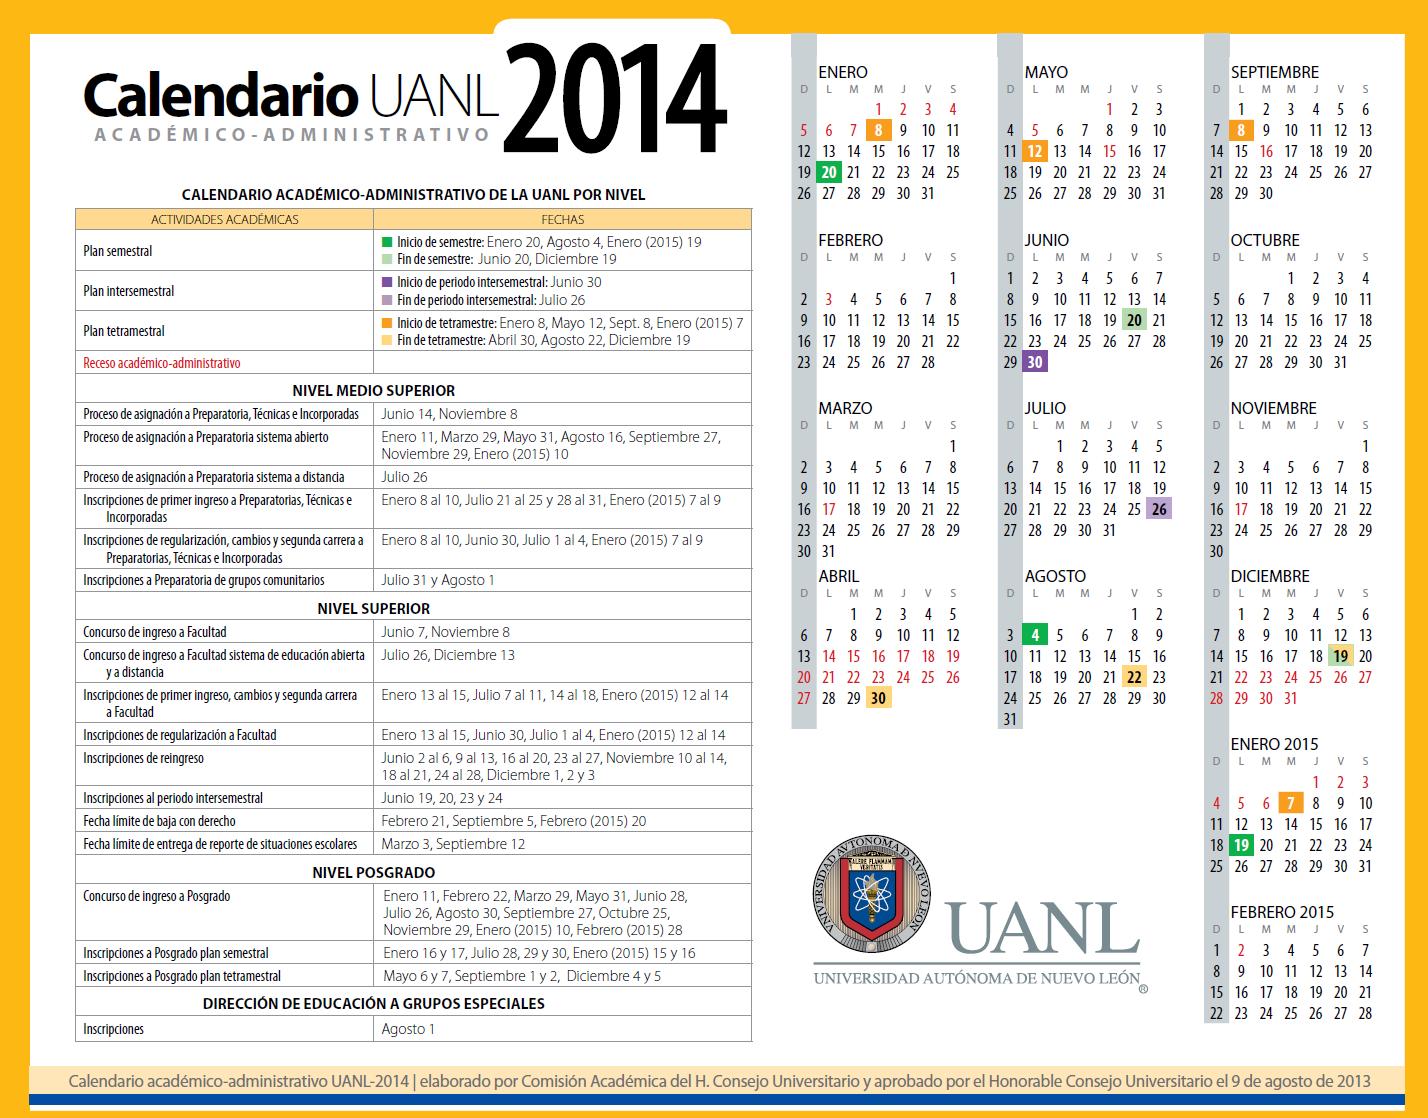 calendario UANL 2014